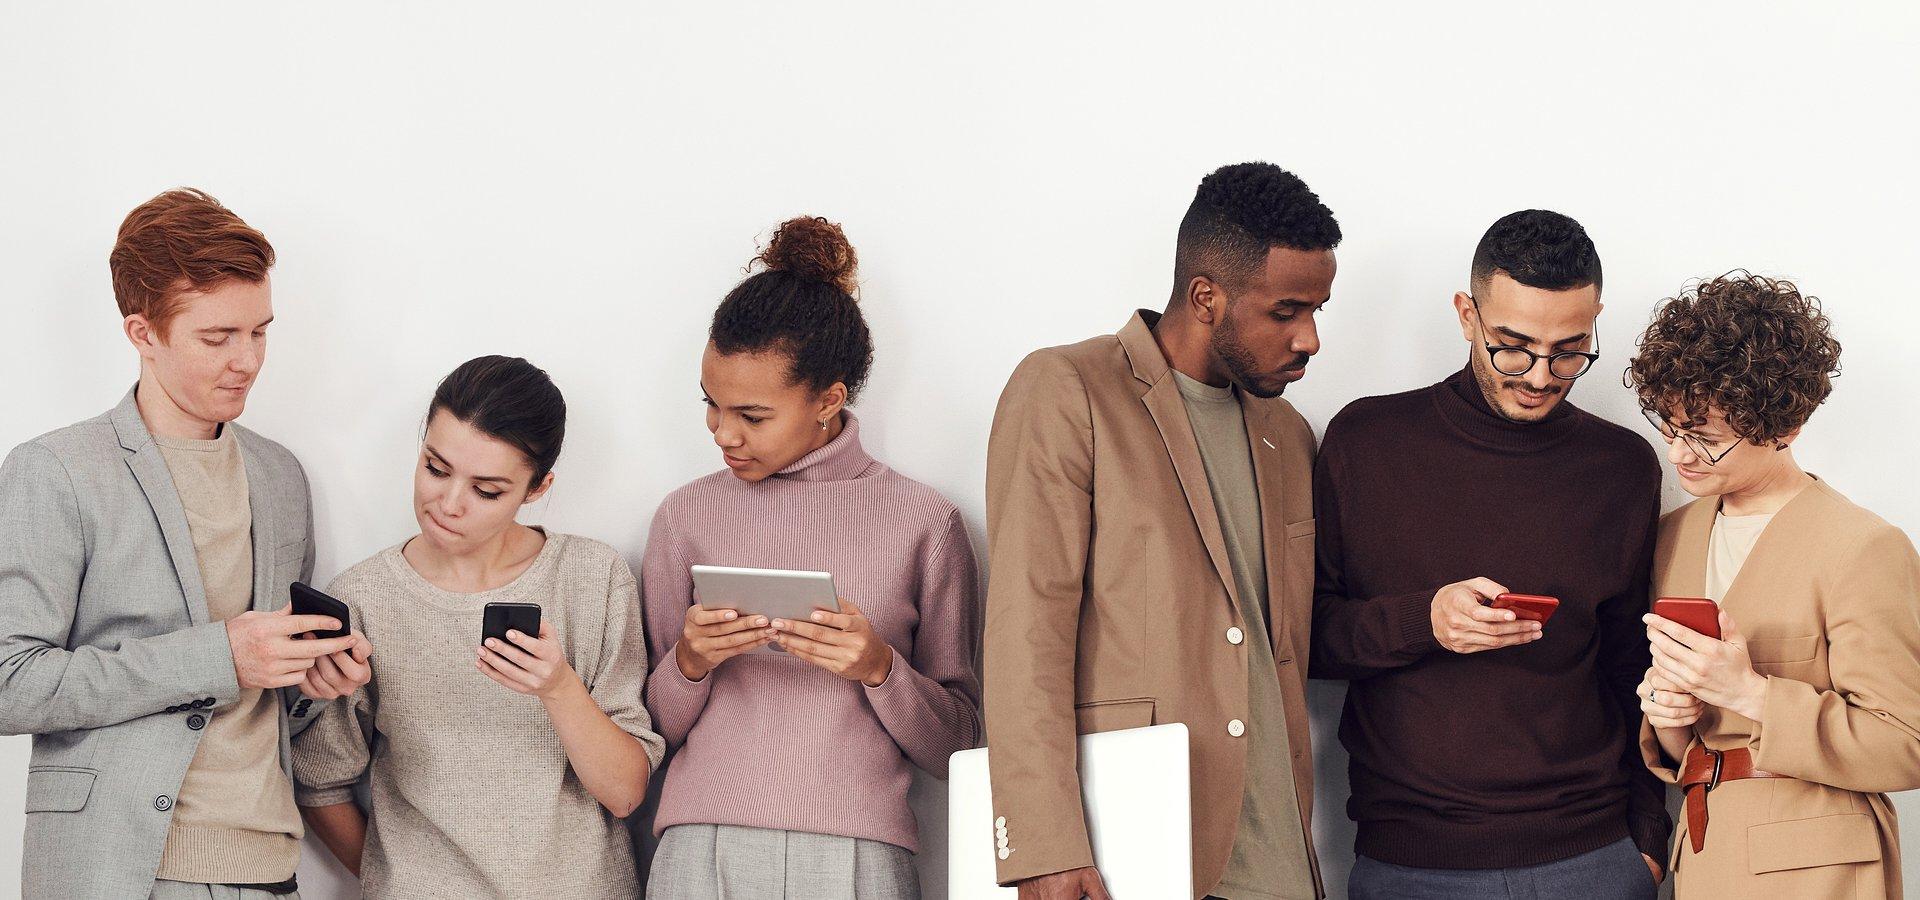 Raport: czy Social Media sprzedają modę?